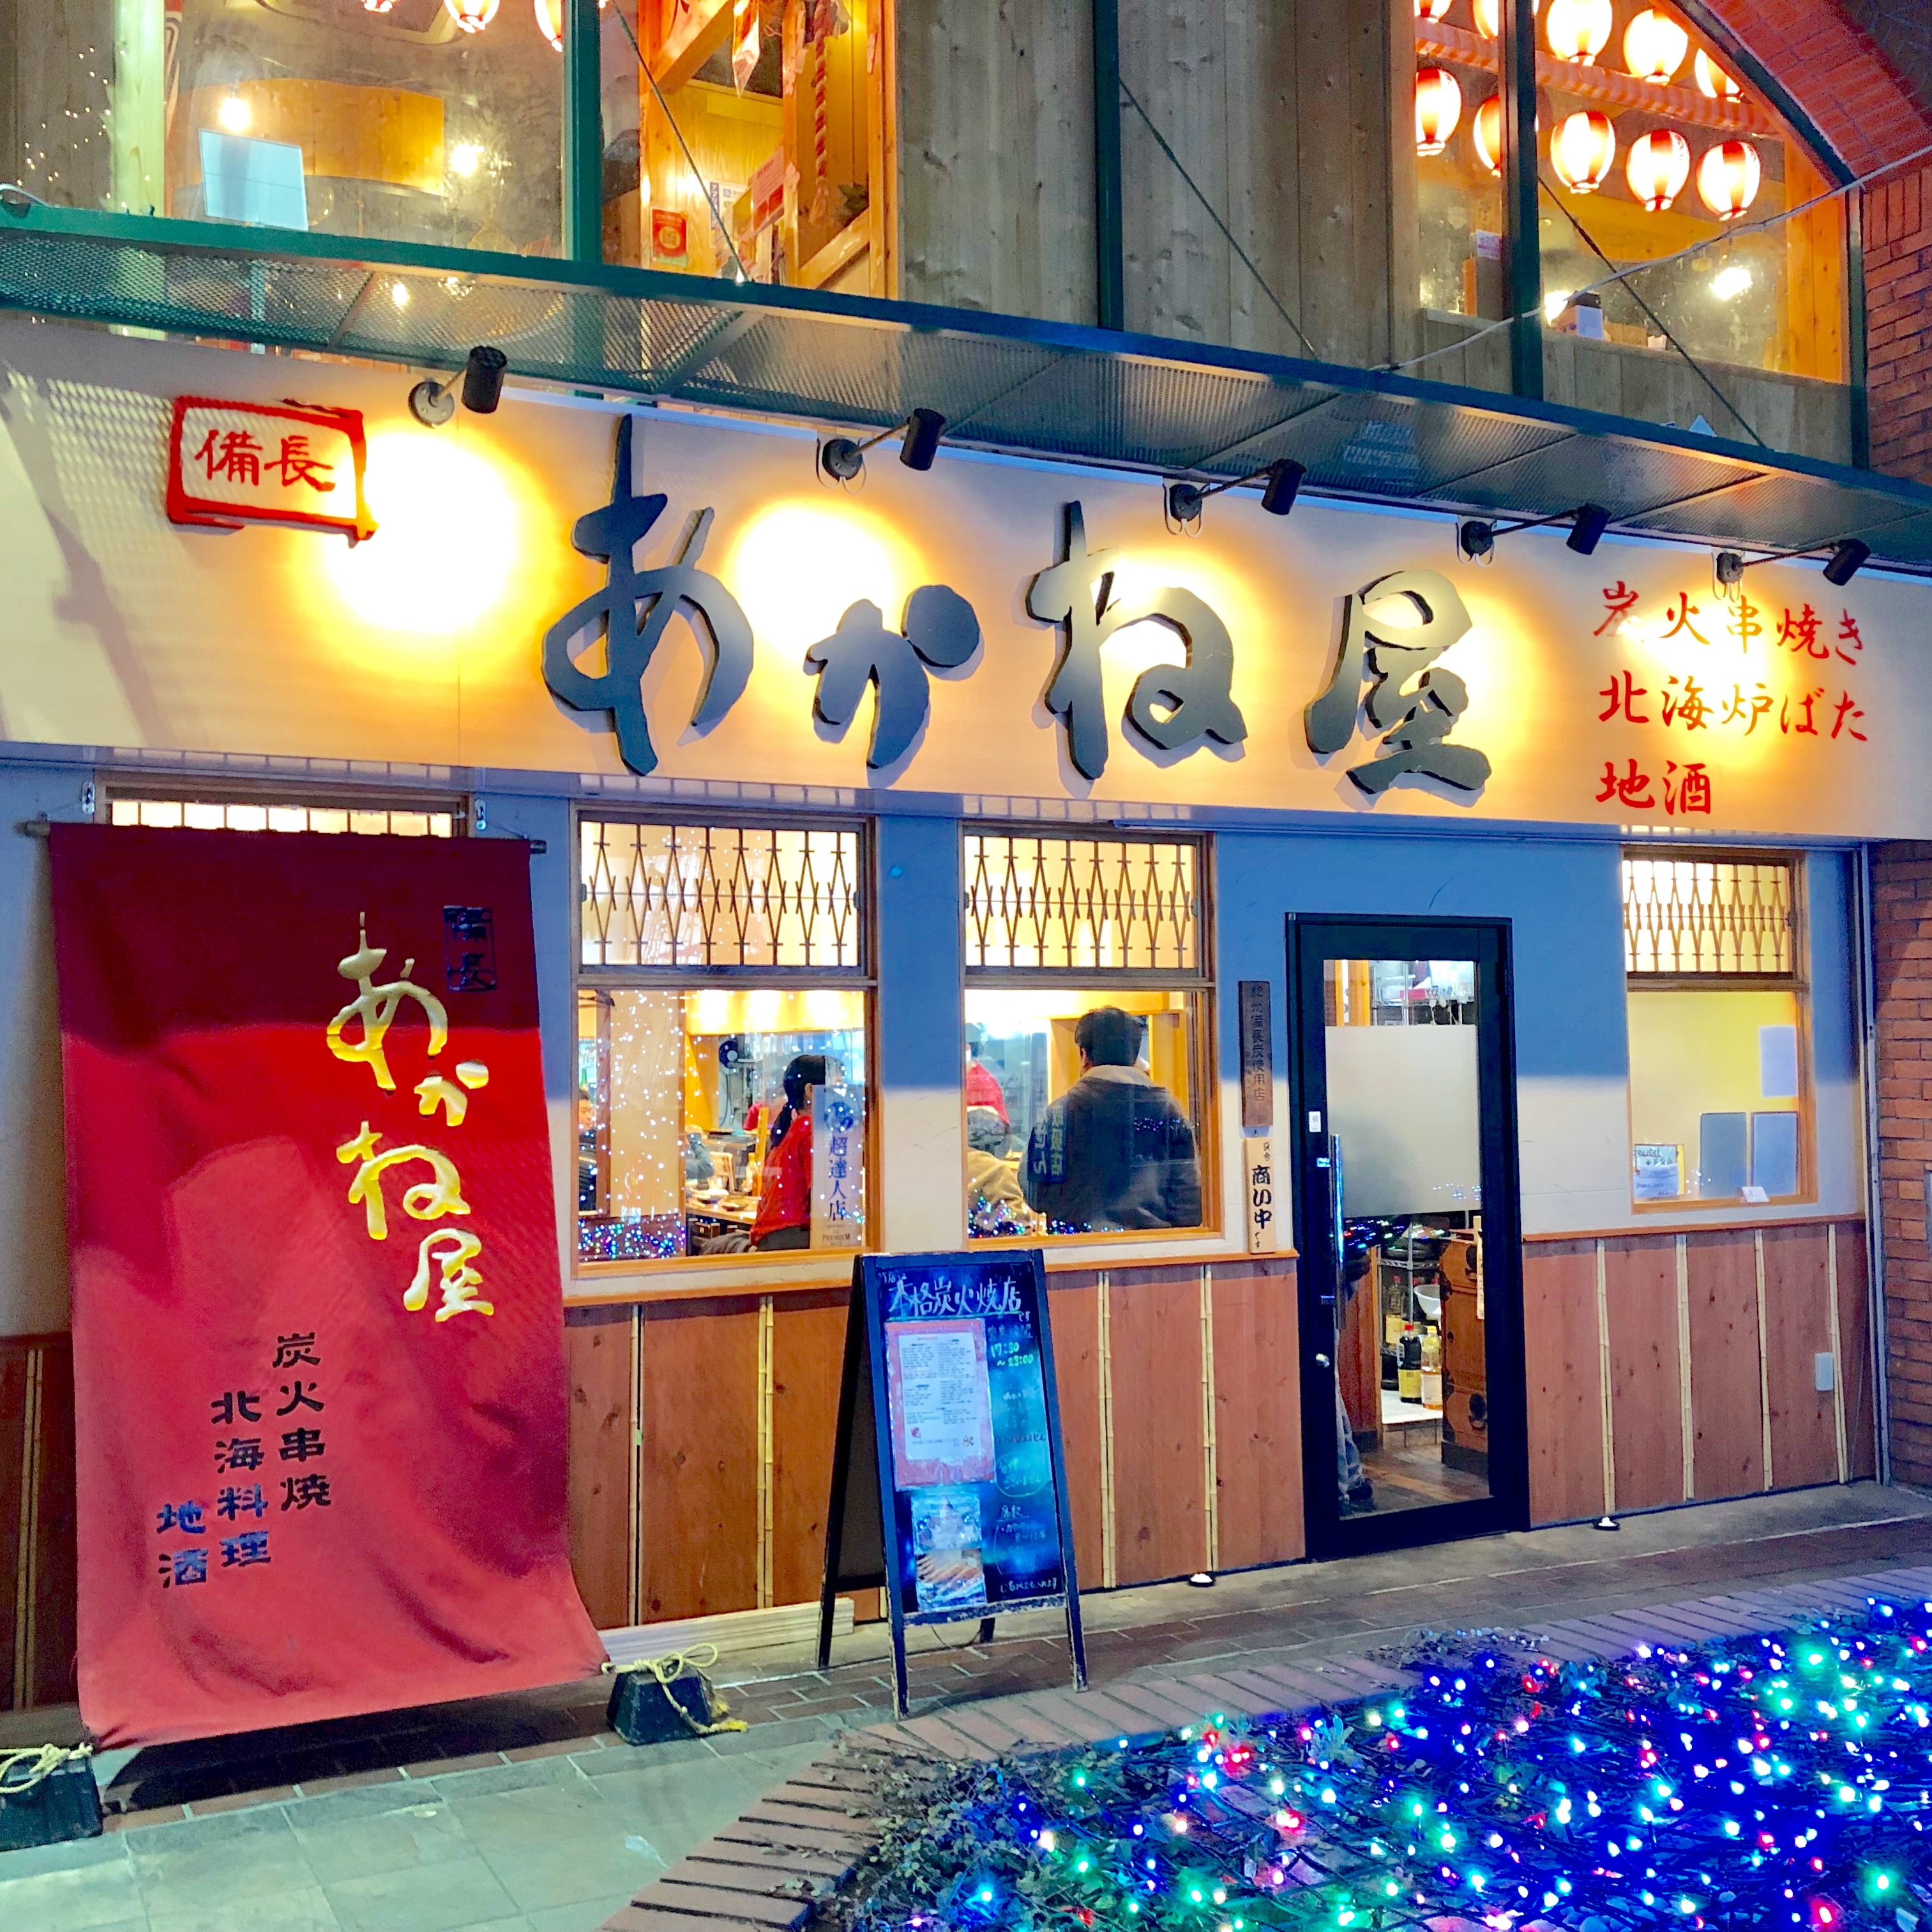 上尾・あかね屋|コース料理がコスパ最高で飲み会におすすめ!